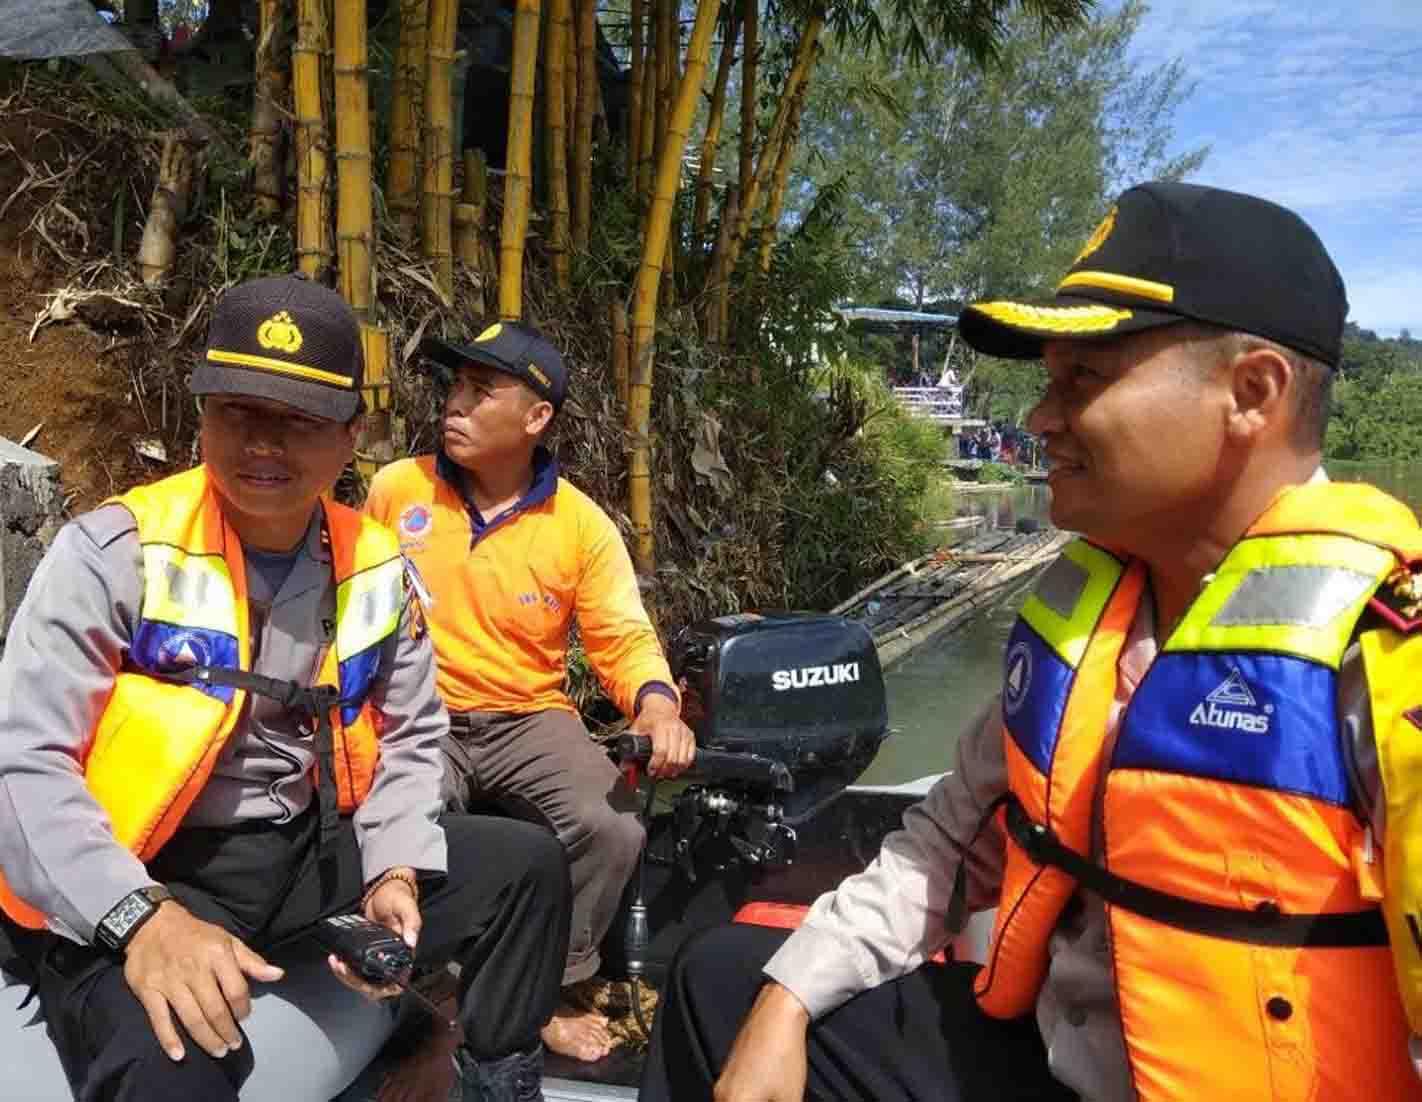 Kapolres Kepahiang Patroli Dengan Speed Boat di Danau Suro